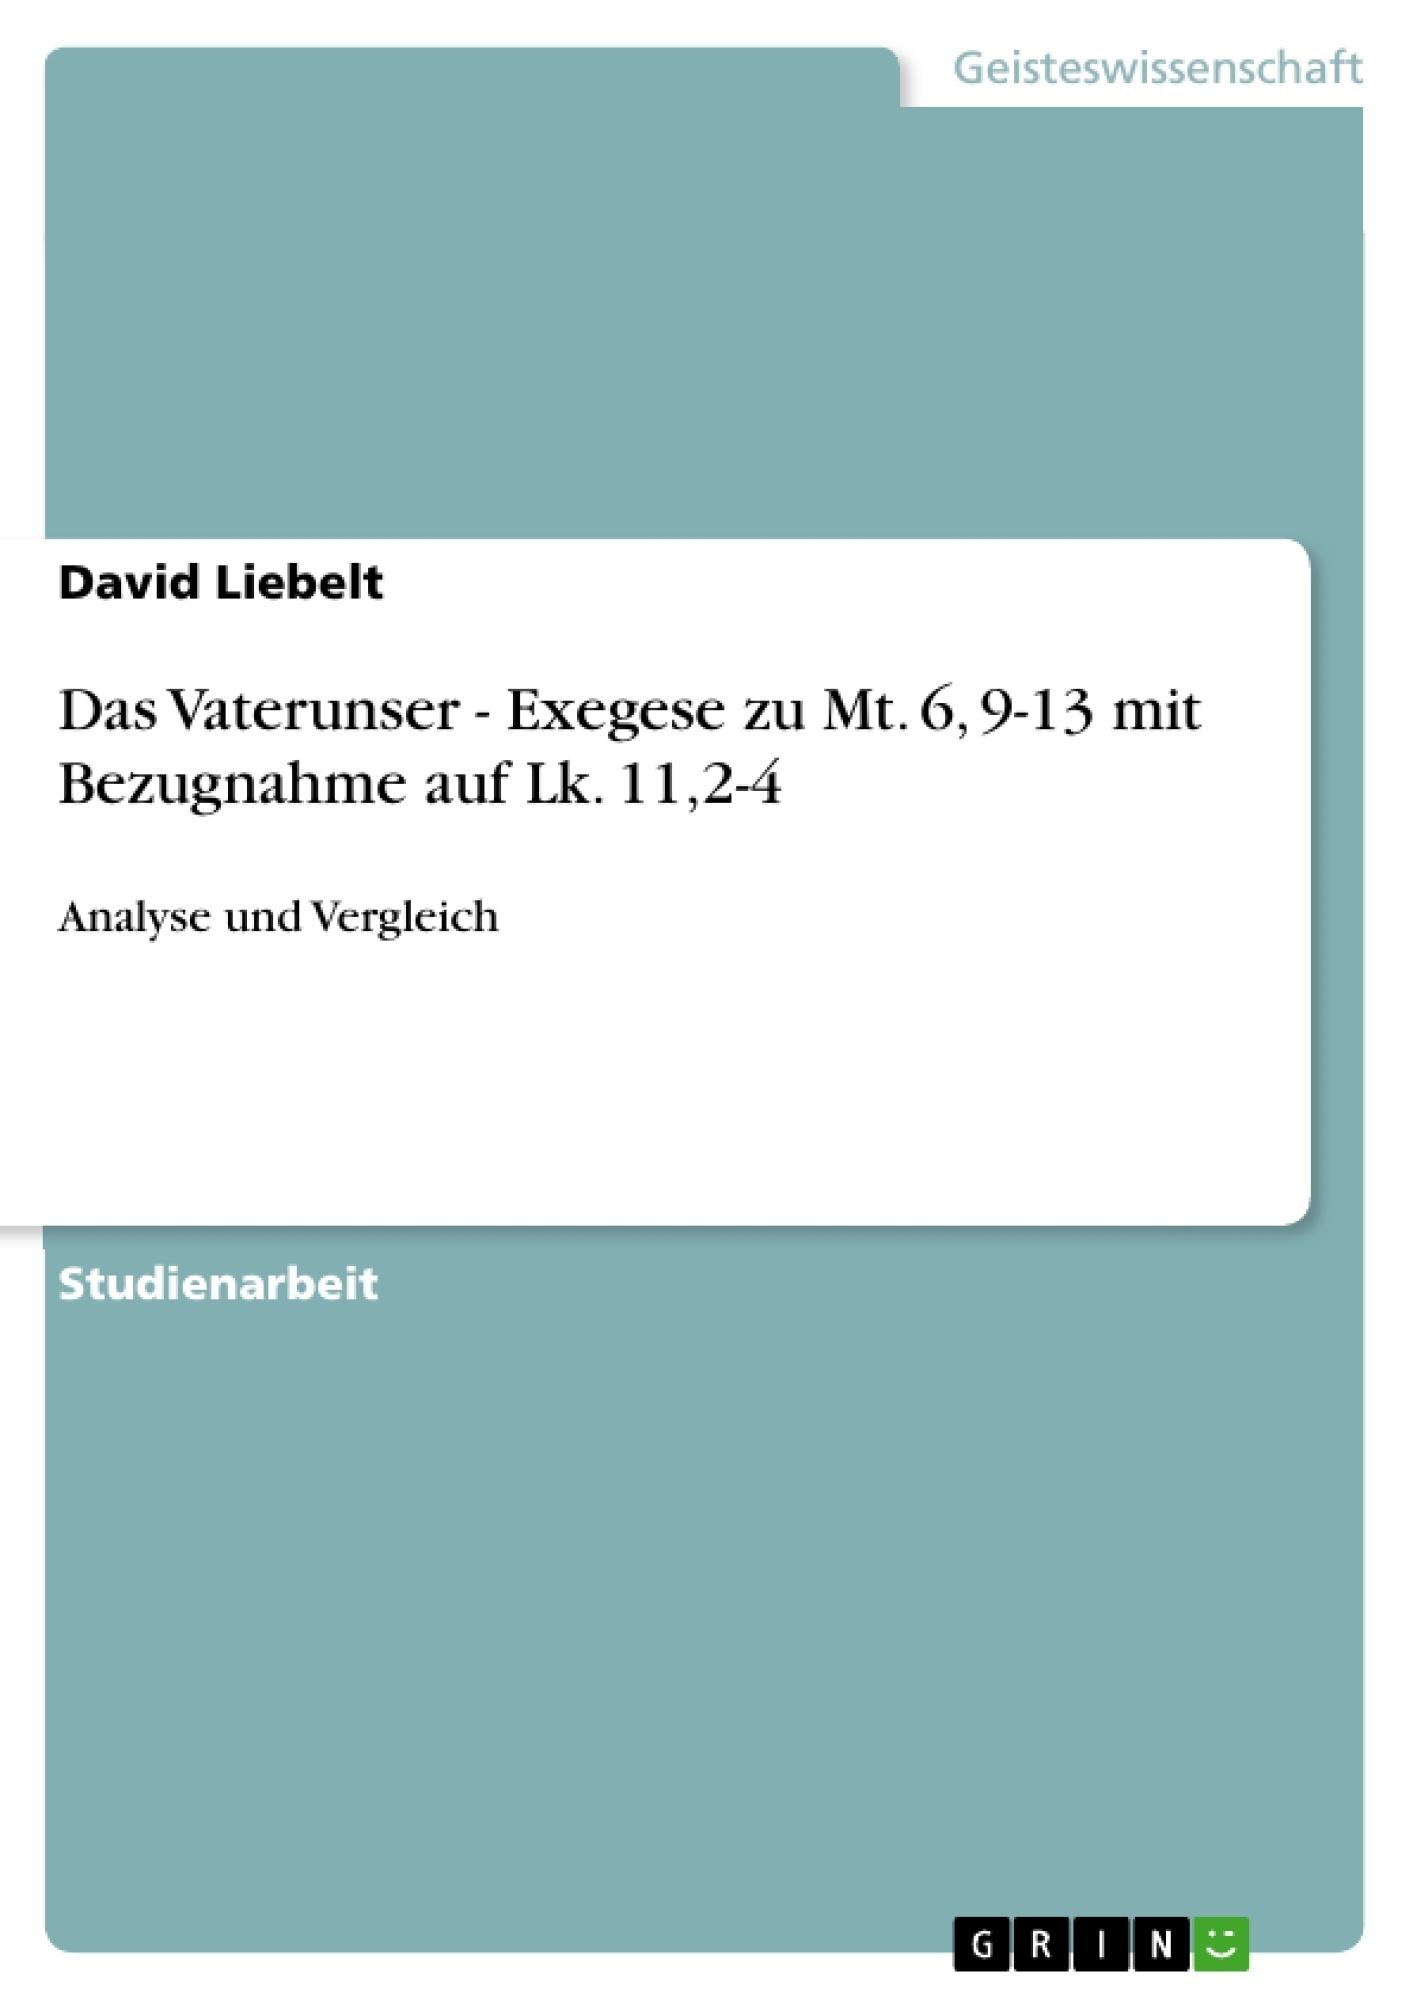 Titel: Das Vaterunser - Exegese zu Mt. 6, 9-13 mit Bezugnahme auf  Lk. 11,2-4